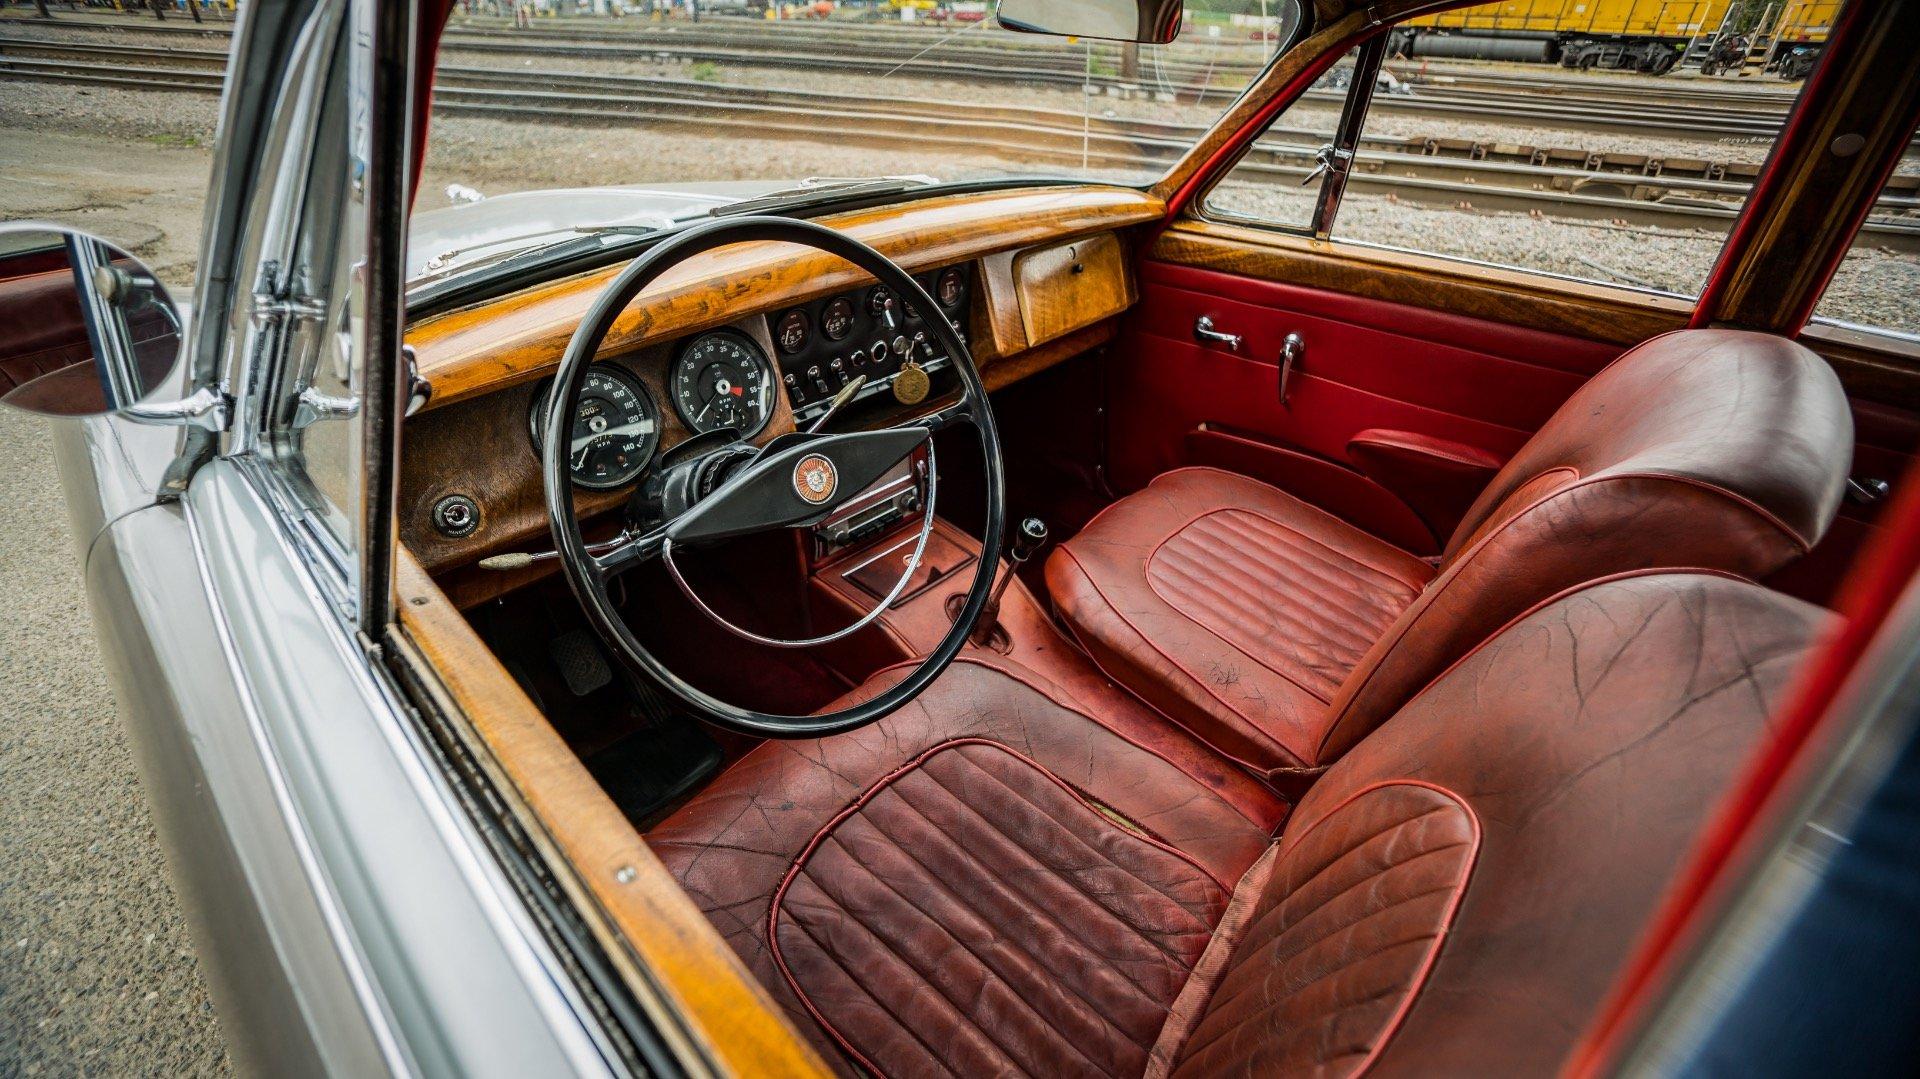 1964 Jaguar Mk II 3.8 Liter = LHD Manual Correct Grey $14k For Sale (picture 3 of 6)